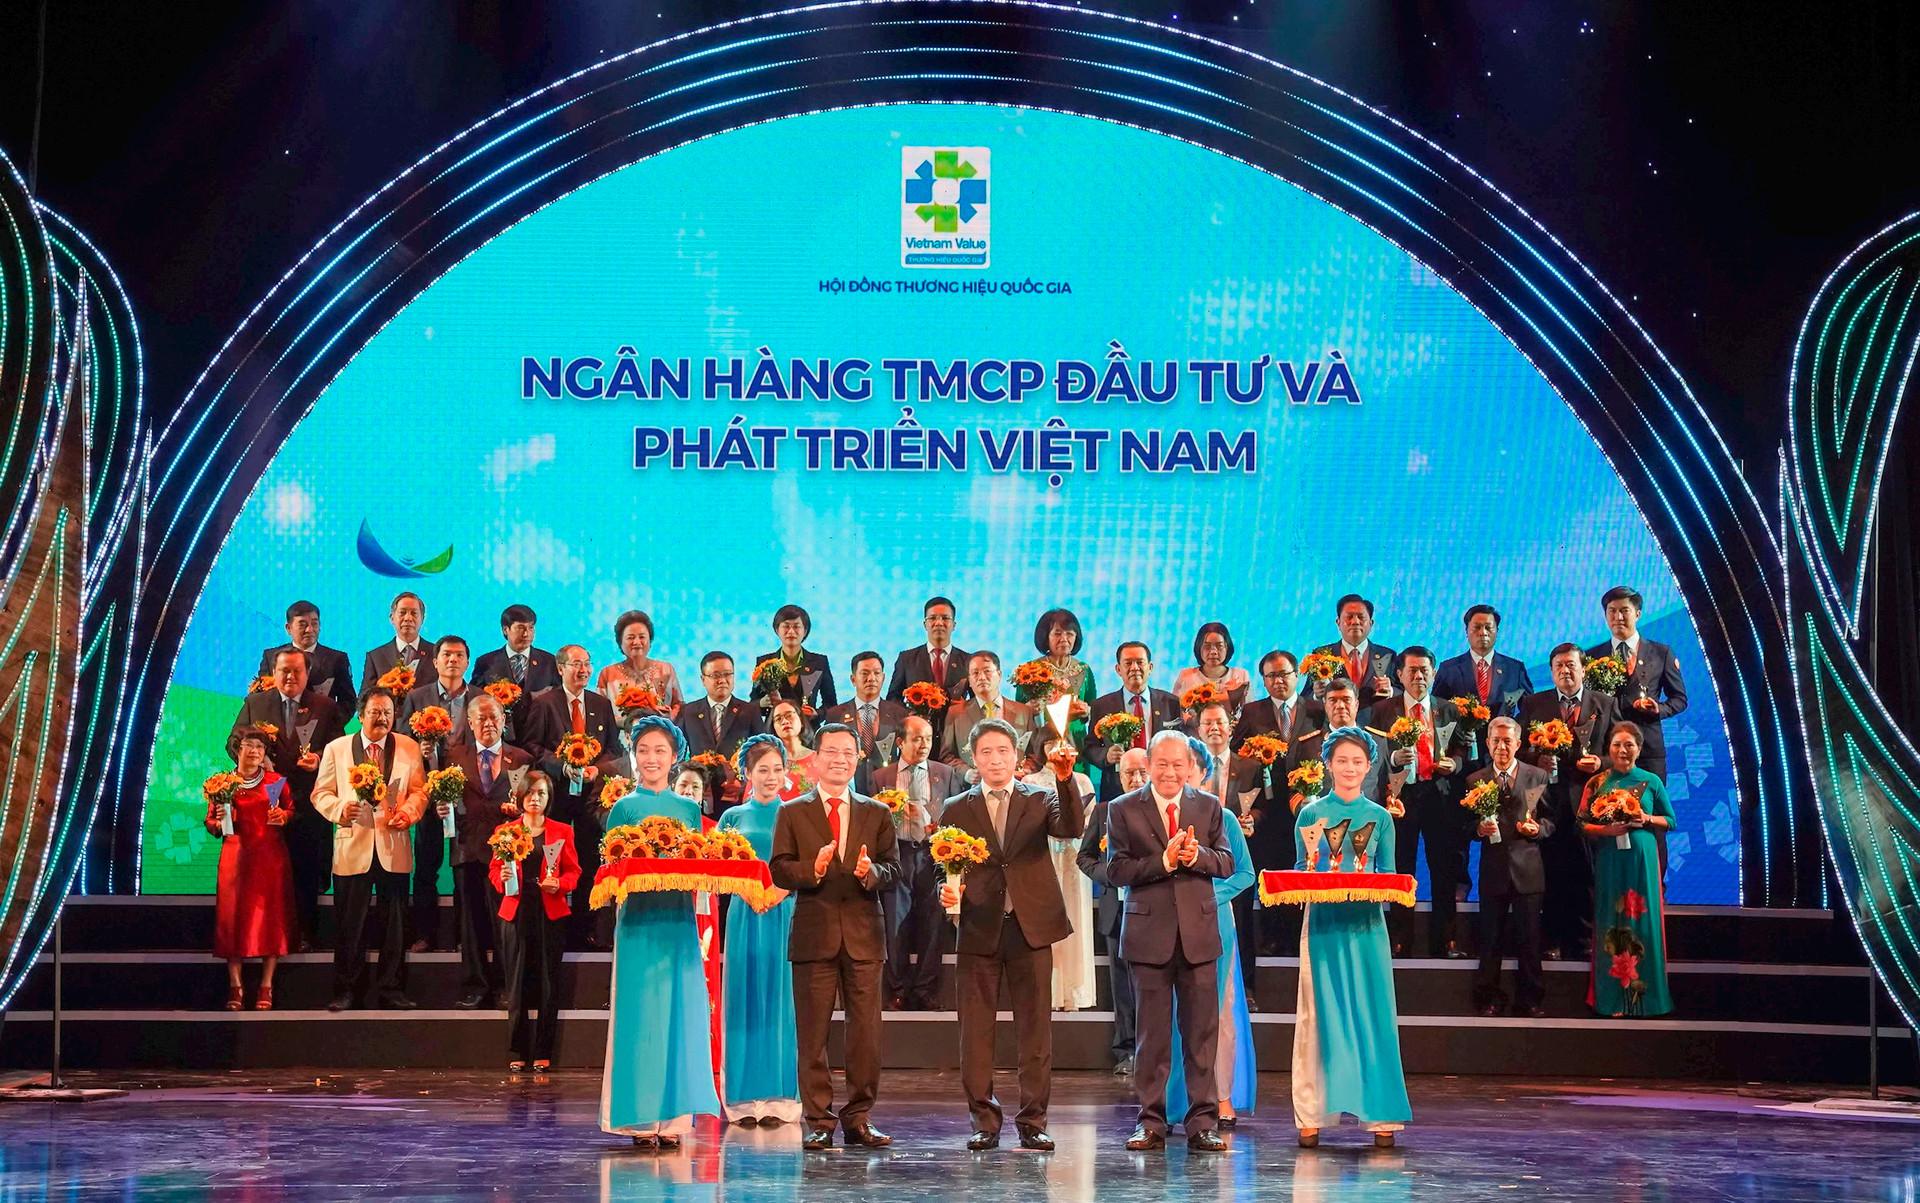 ong-tran-phuong-pho-tgd-dai-dien-bidv-nhan-bieu-trung-thuong-hieu-quoc-gia-2020-f.jpg